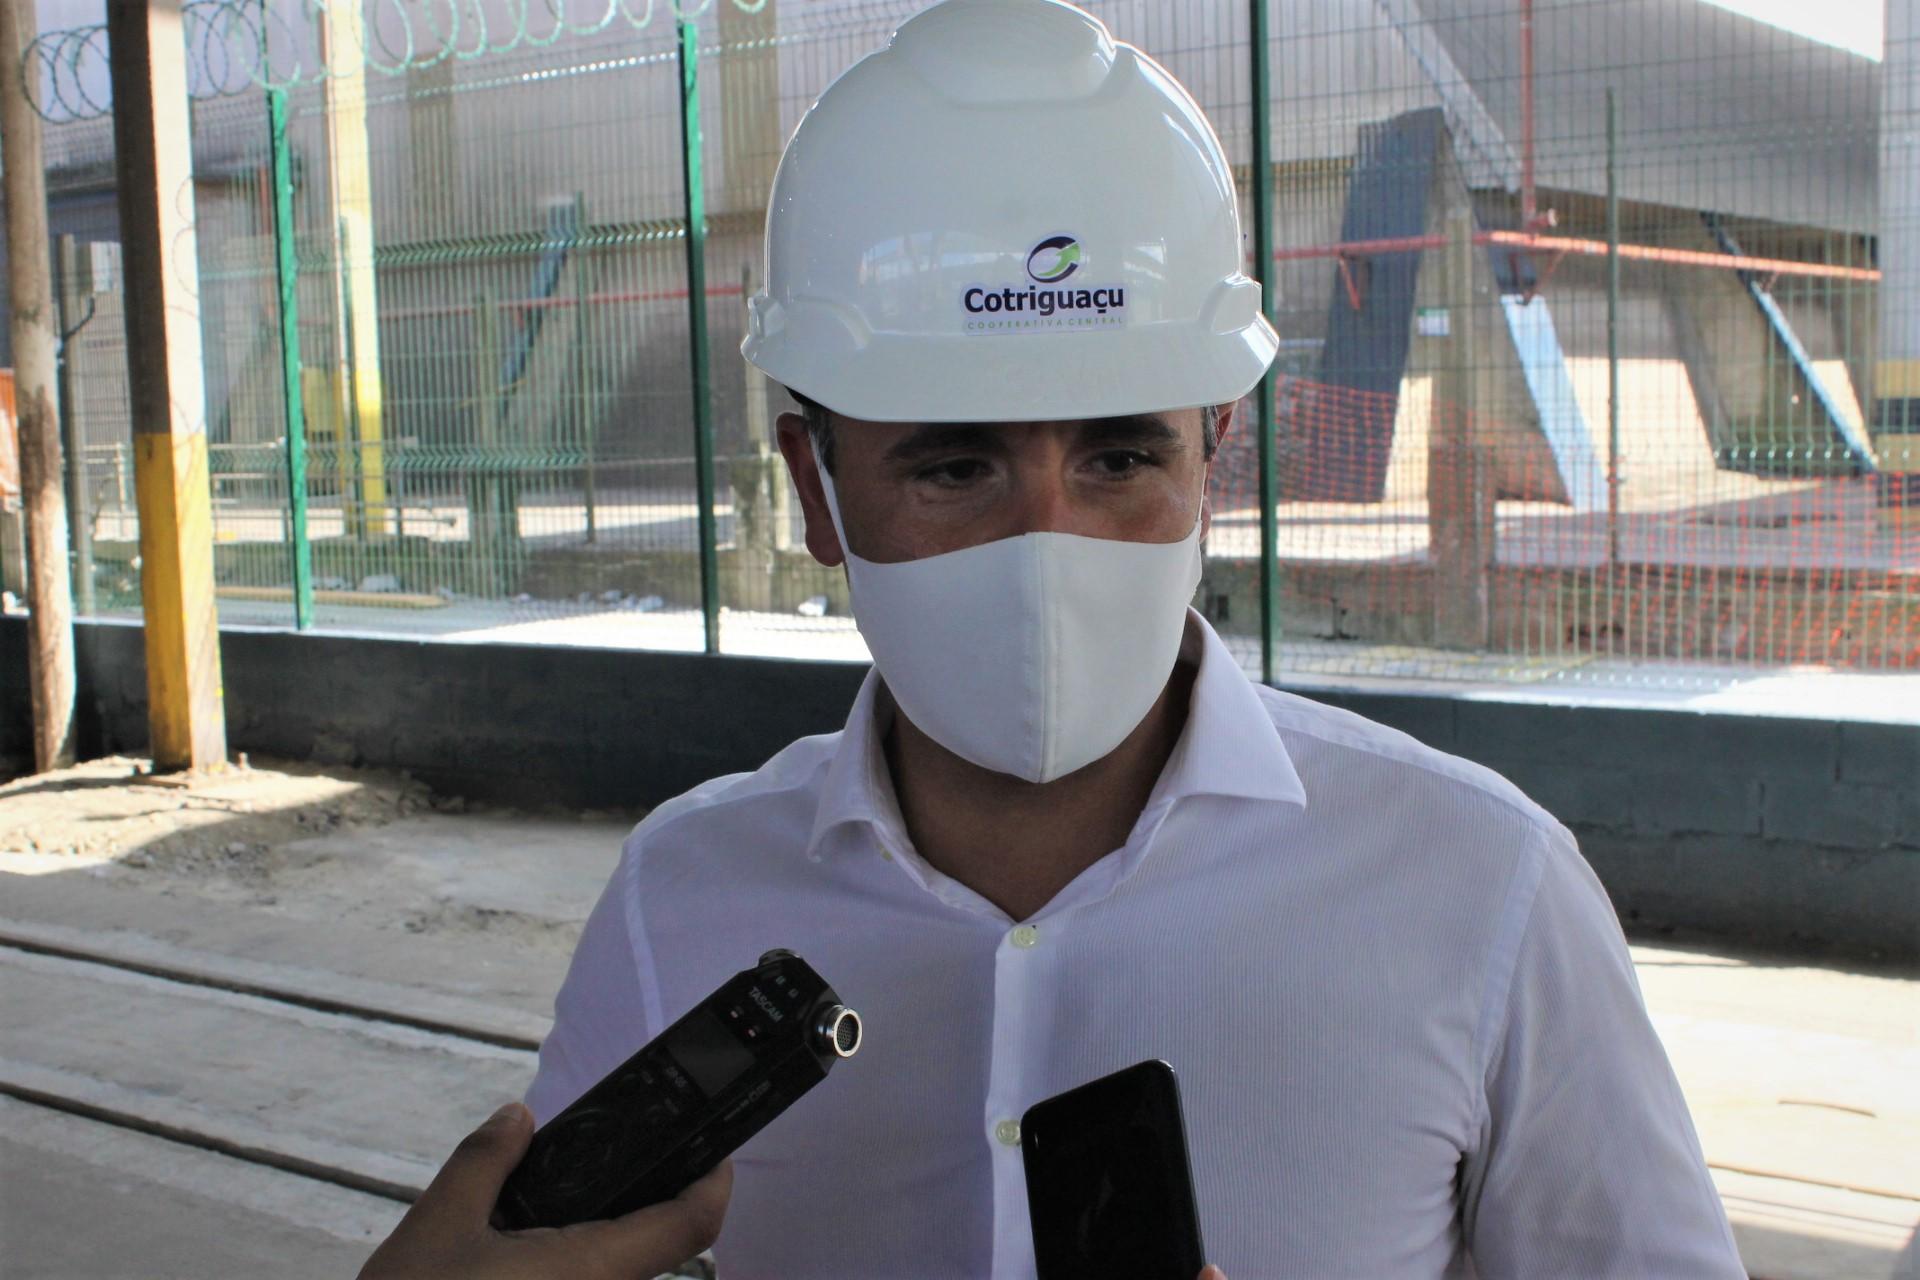 """""""Aqui no terminal portuário da Cotriguaçu nós descarregamos 35% do modal ferroviário hoje e a gente pretende já em 2021 ampliar este número para 50% do total descarregado"""", explica o gerente do terminal portuário da Cotriguaçu em Paranaguá, Rodrigo Buffara Farah Coelho"""